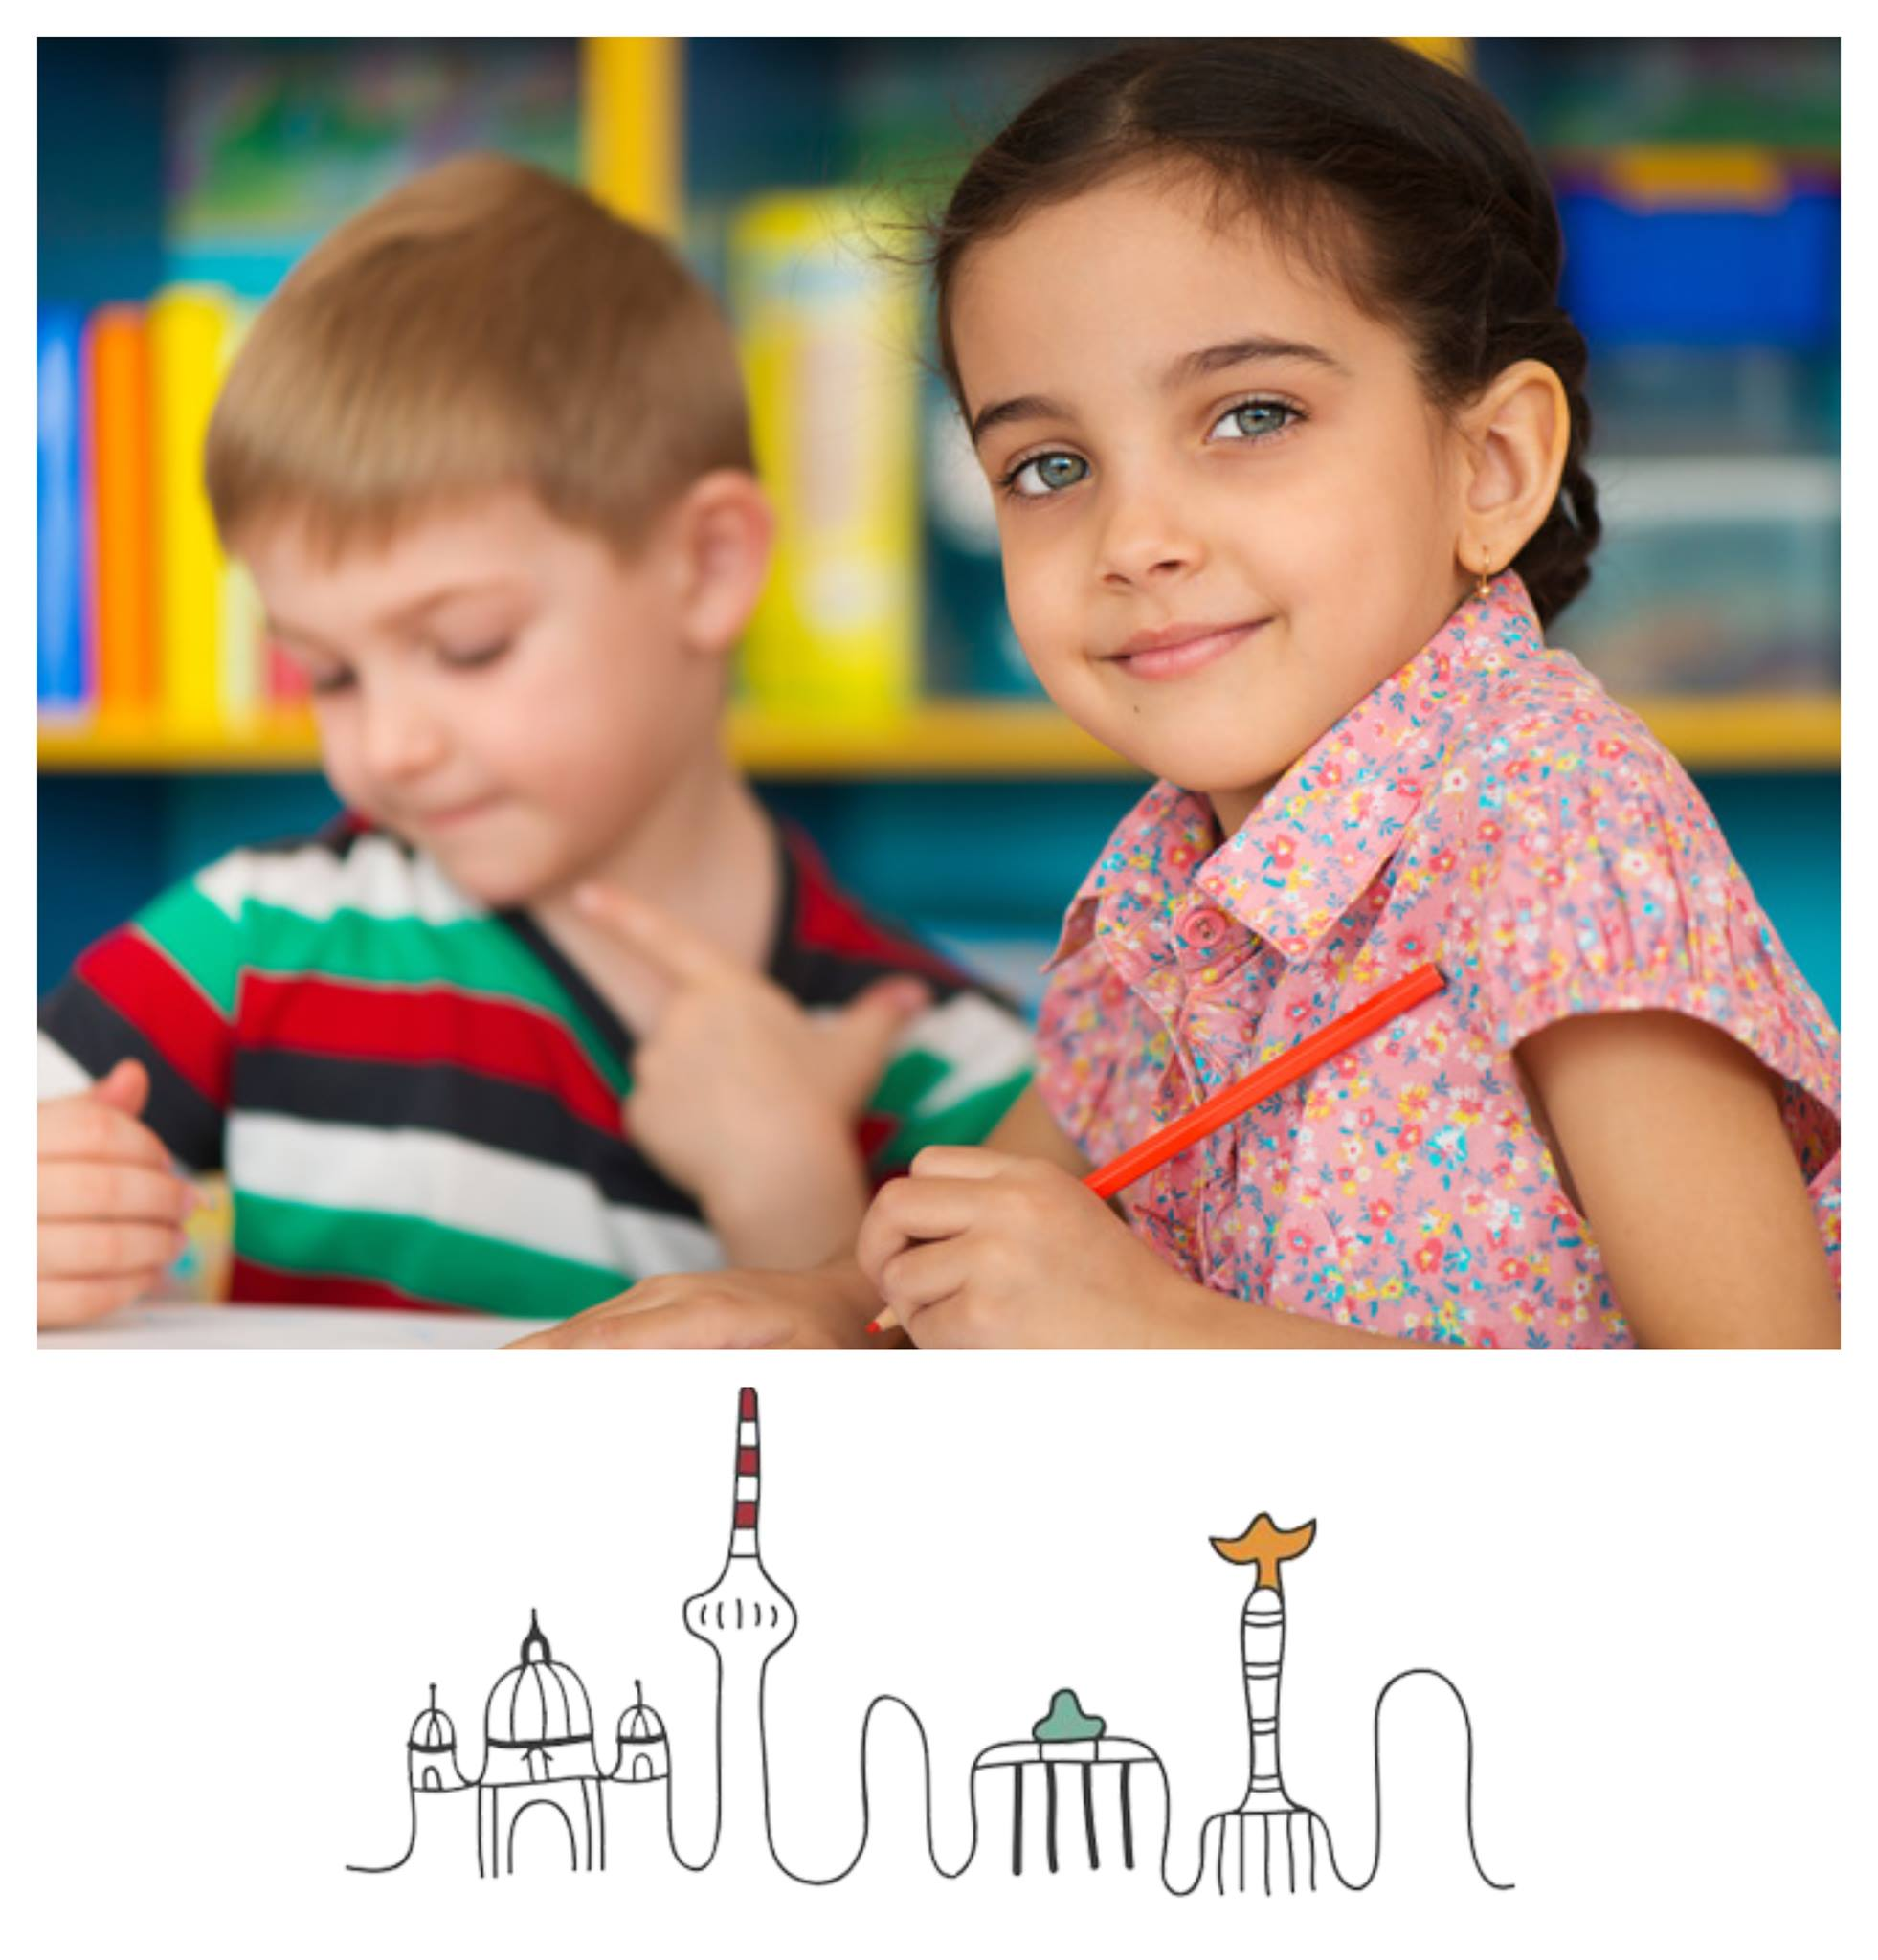 εξασφαλίζετε για το παιδί σας την καλύτερη δυνατή πρώτη επαφή με τη Γερμανική Γλώσσα